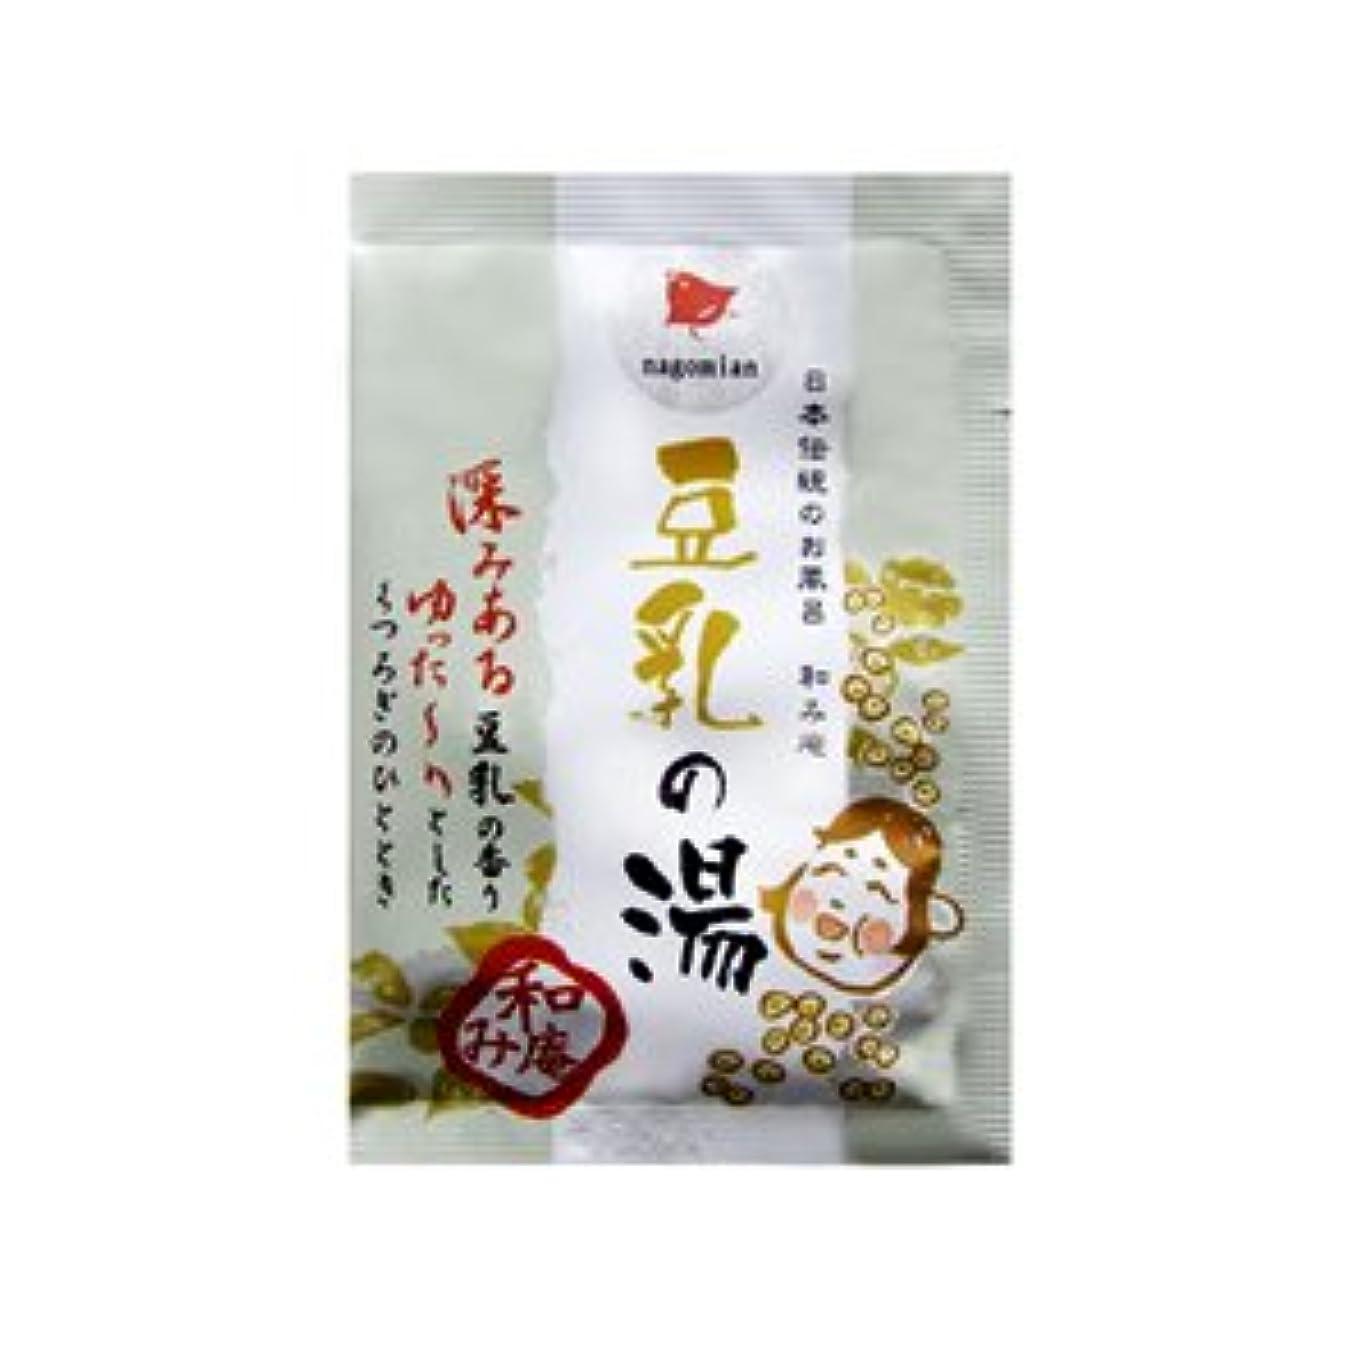 降下レッドデート評論家日本伝統のお風呂 和み庵 豆乳の湯 25g 10個セット